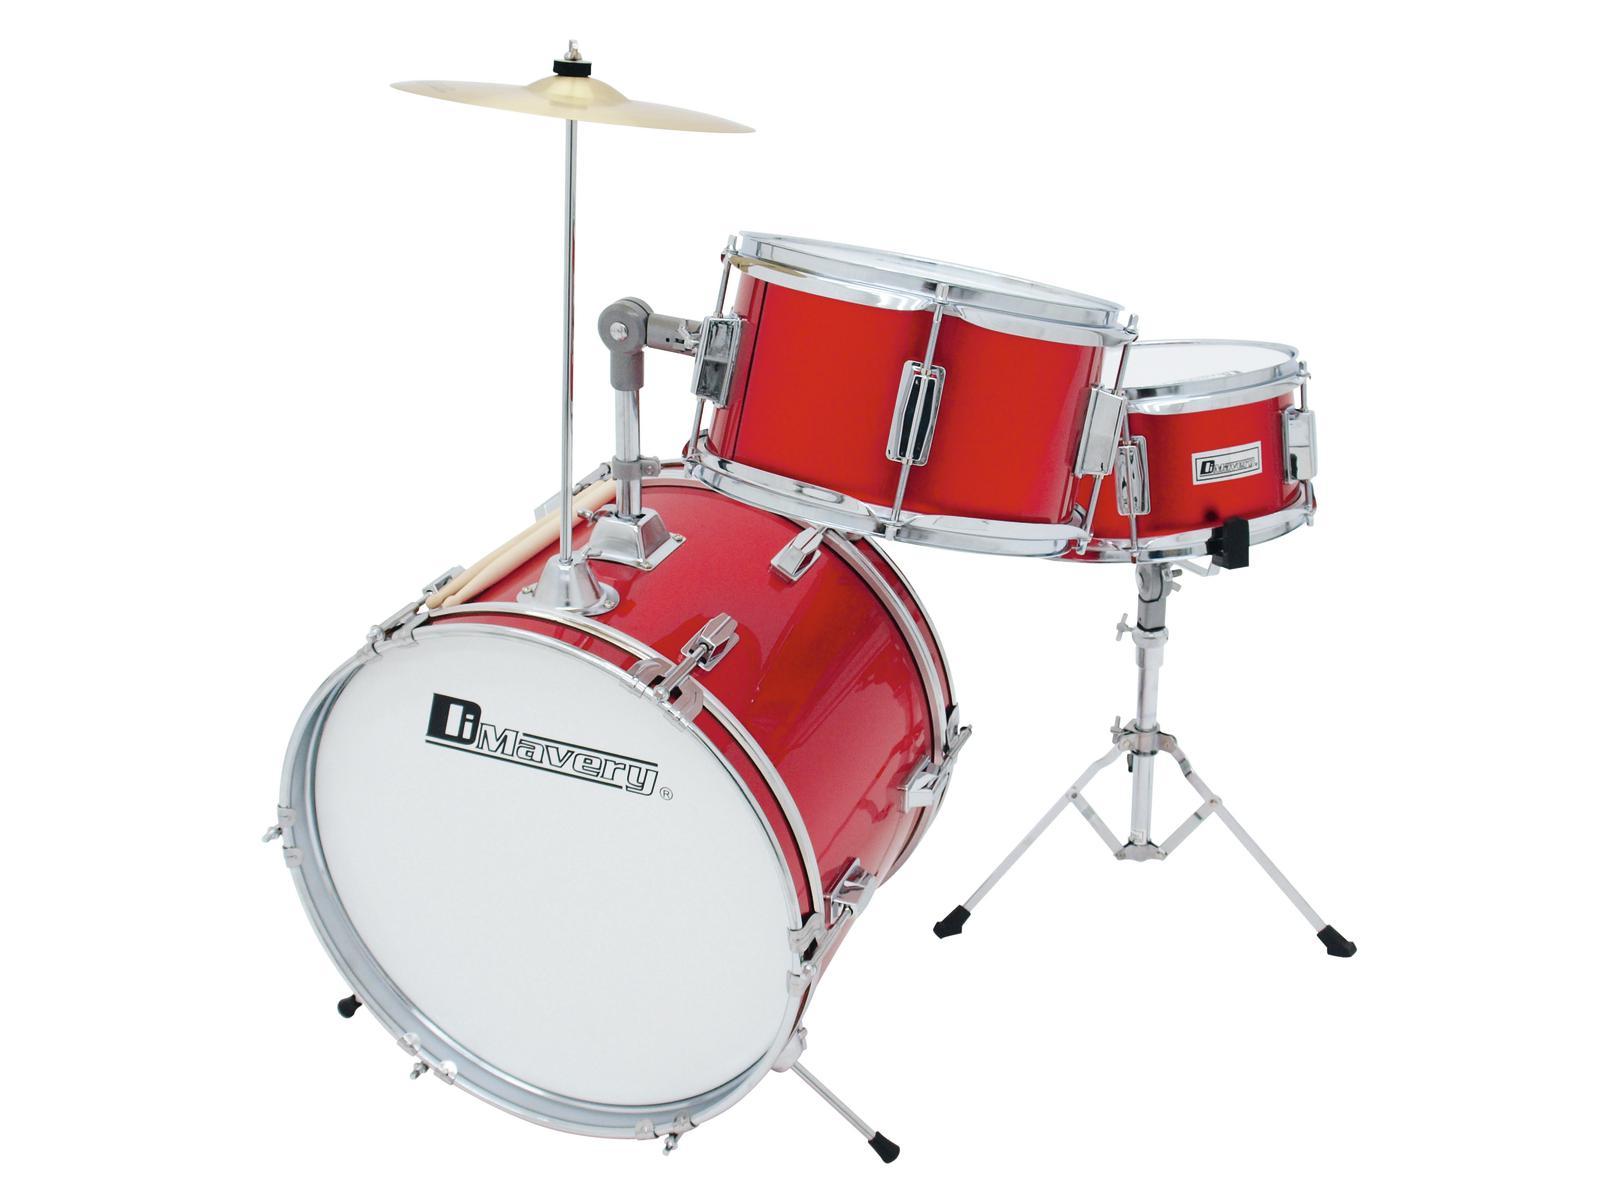 DIMAVERY JDS-203 Kinder Schlagzeug, rot